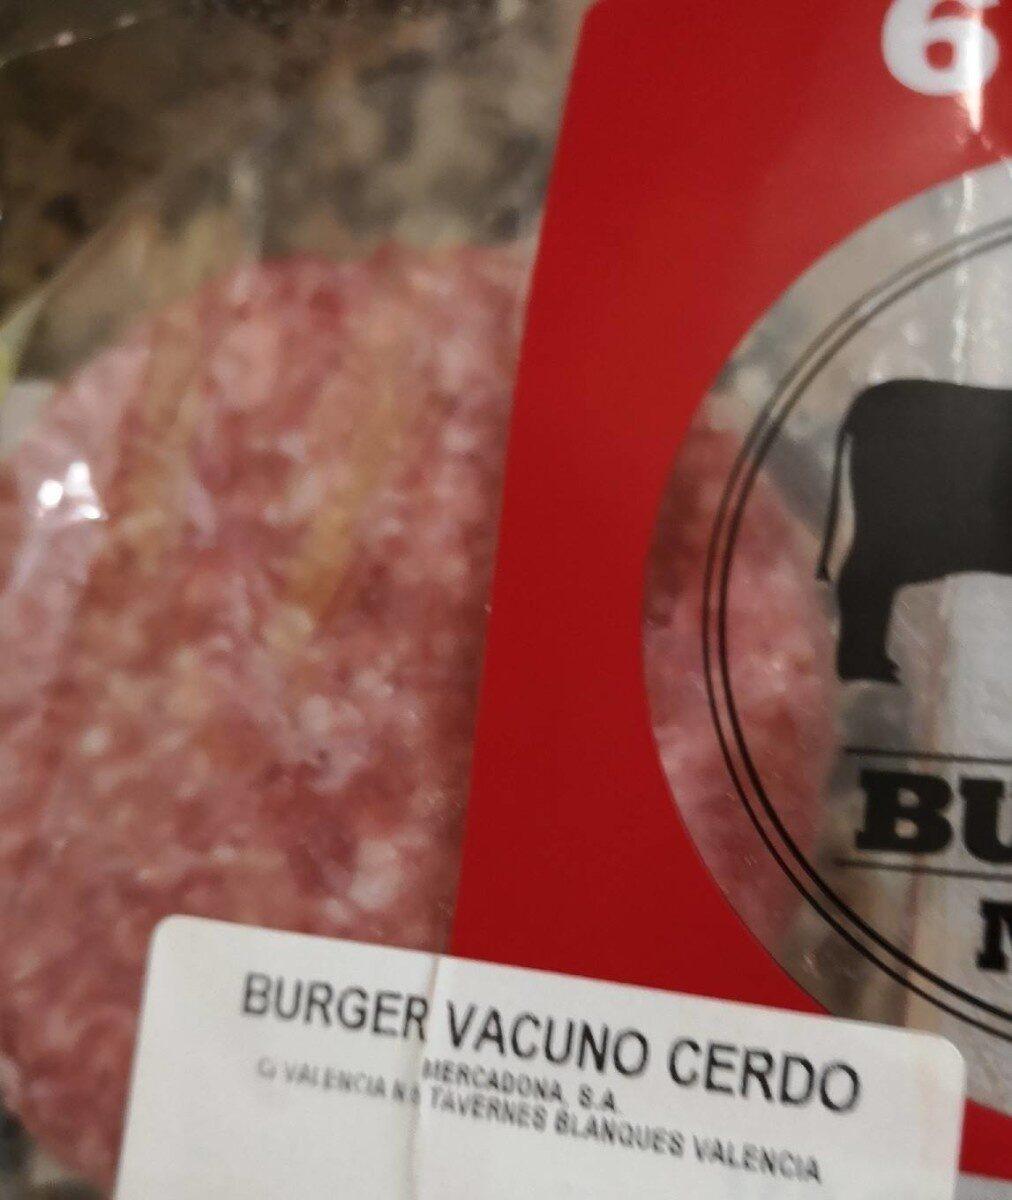 Burger vacuno de cerdo - Product